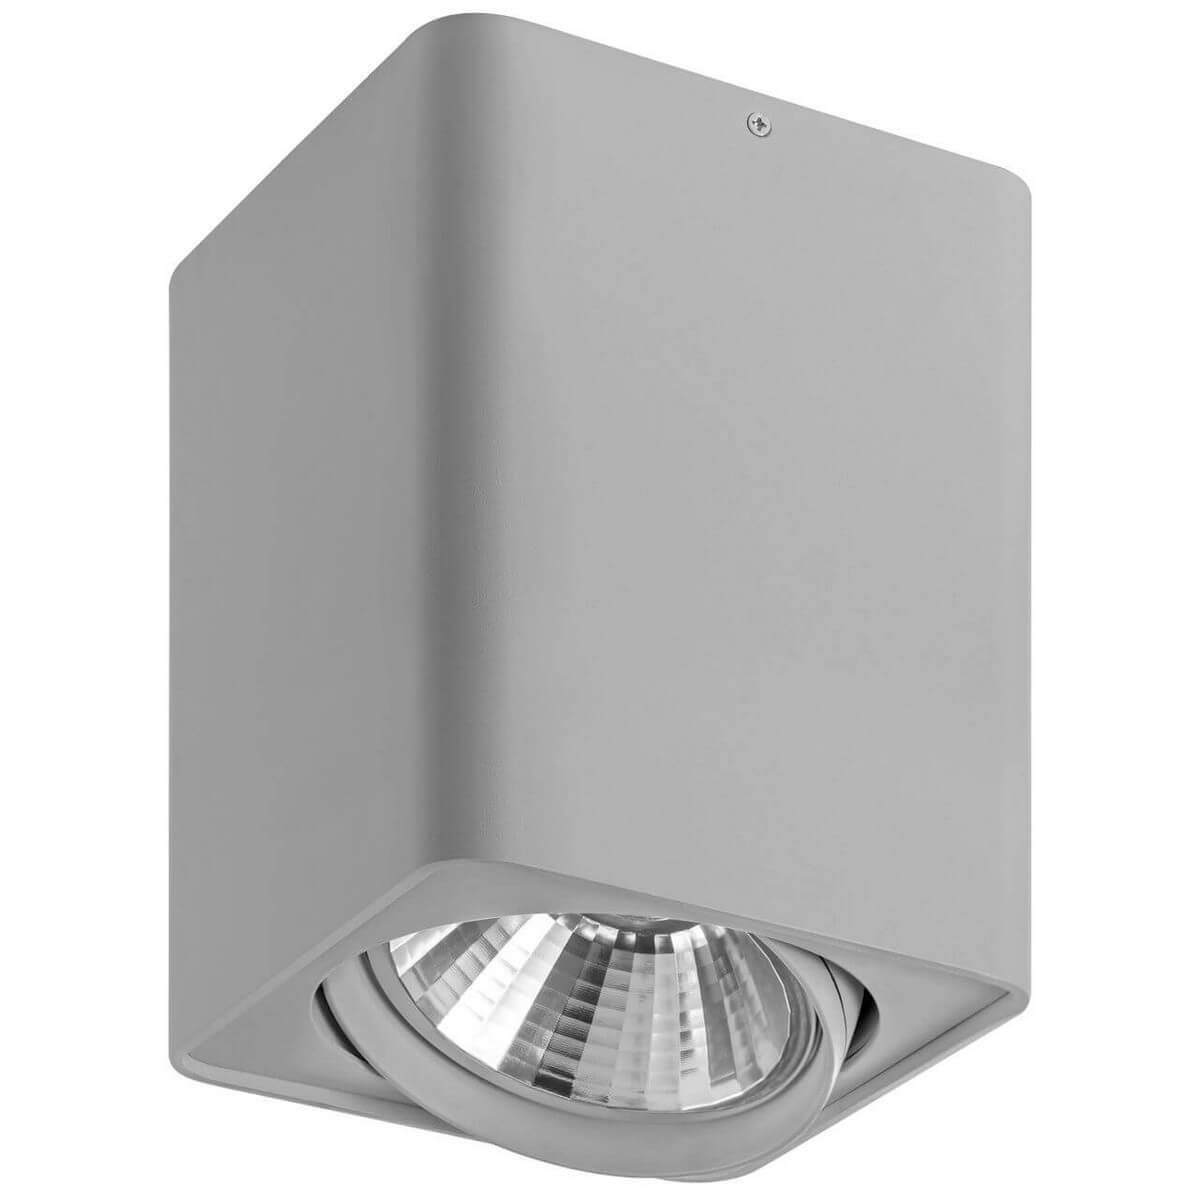 Светильник Lightstar 212639 Monocco (к светильнику подойдут лампы типоразмера AR111) фото